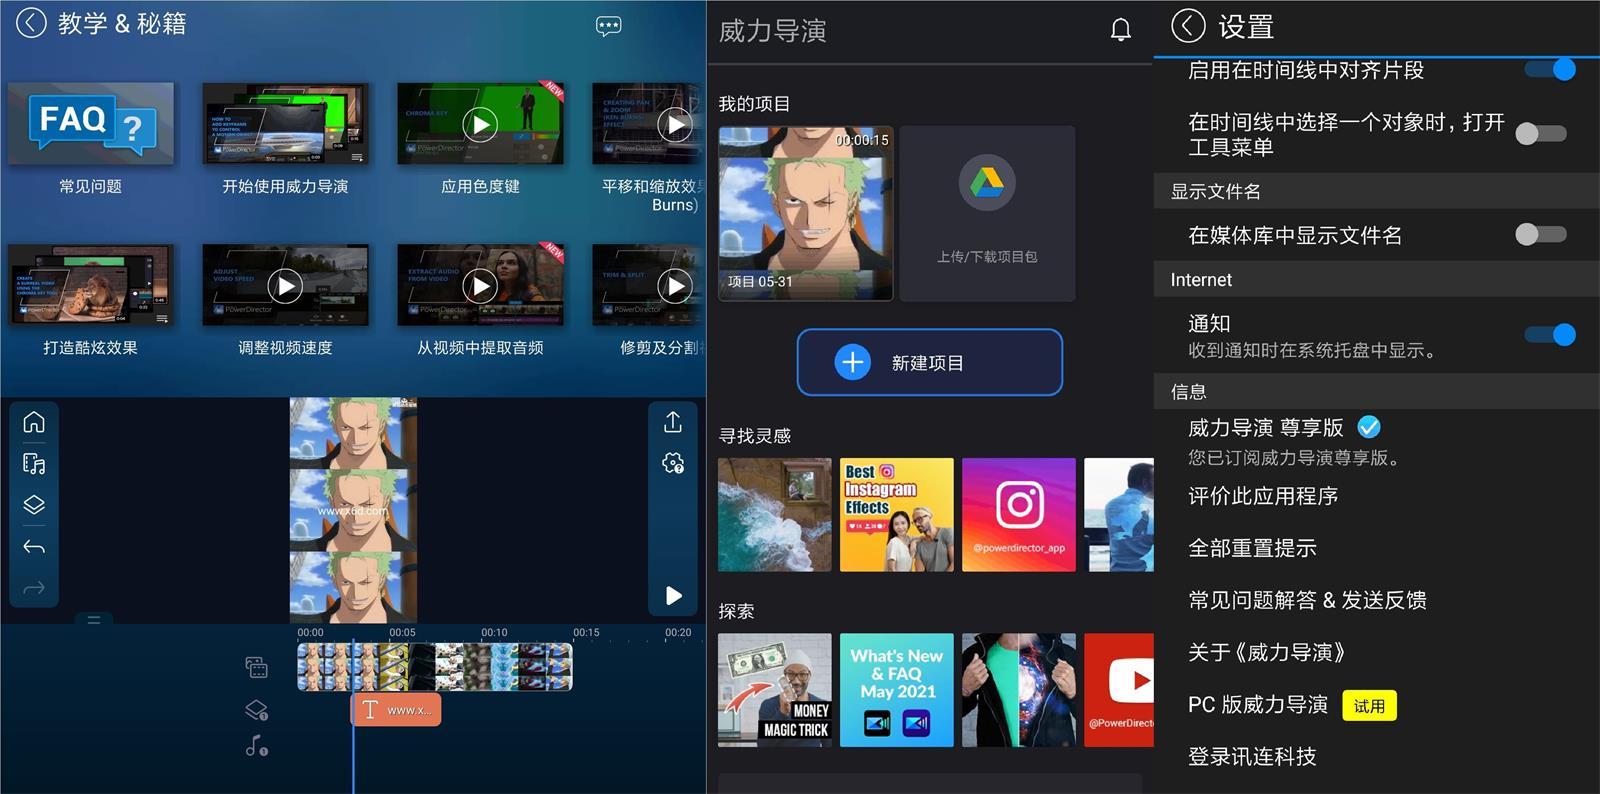 安卓威力导演v9.2.2绿化版-云奇网